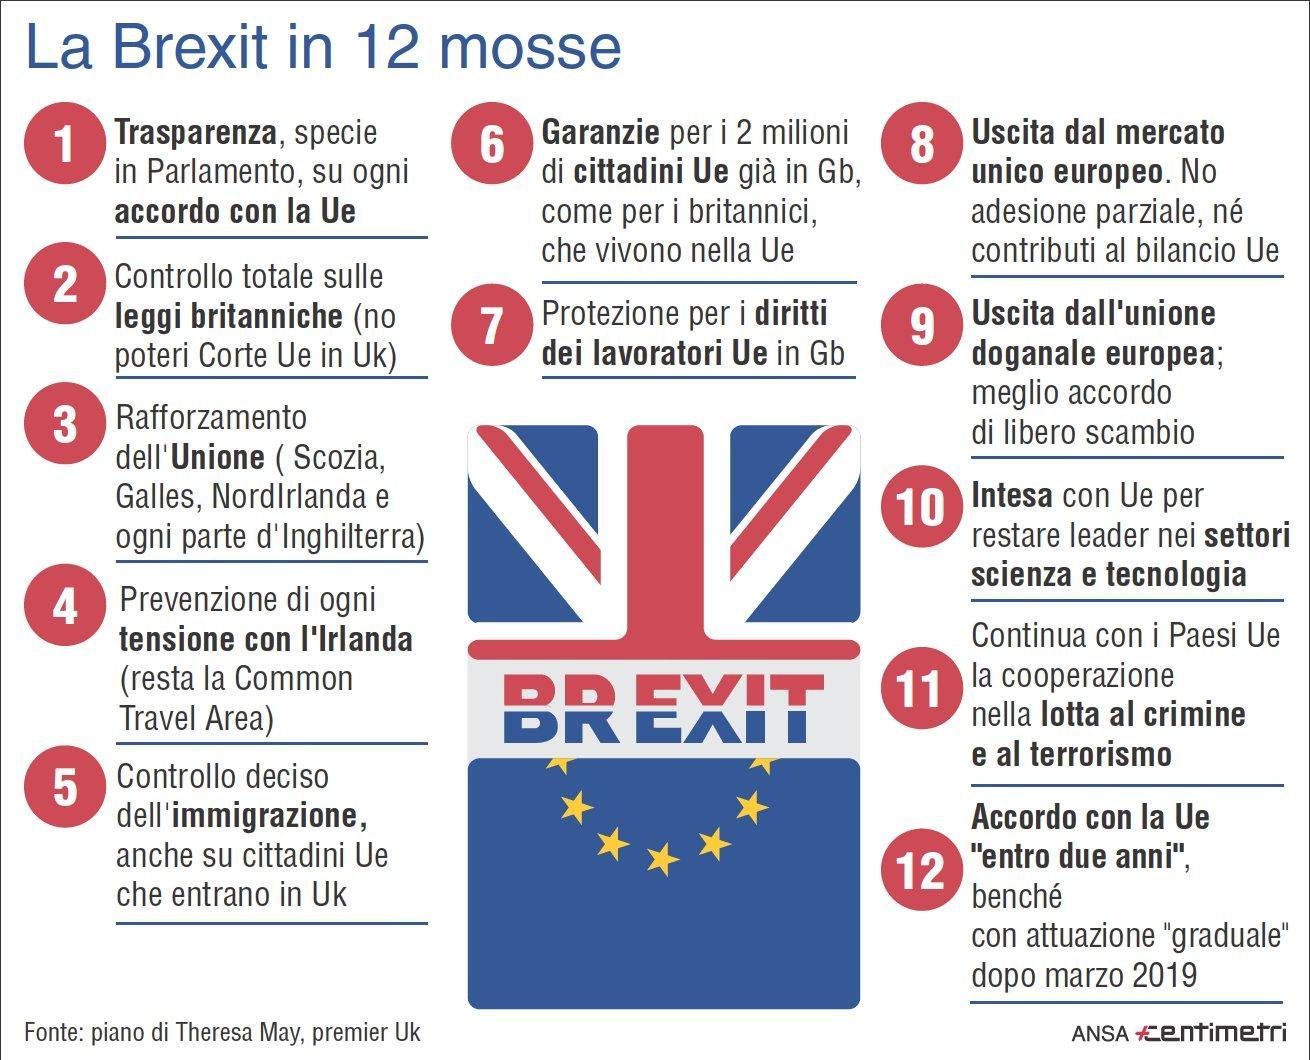 La Brexit in 12 mosse